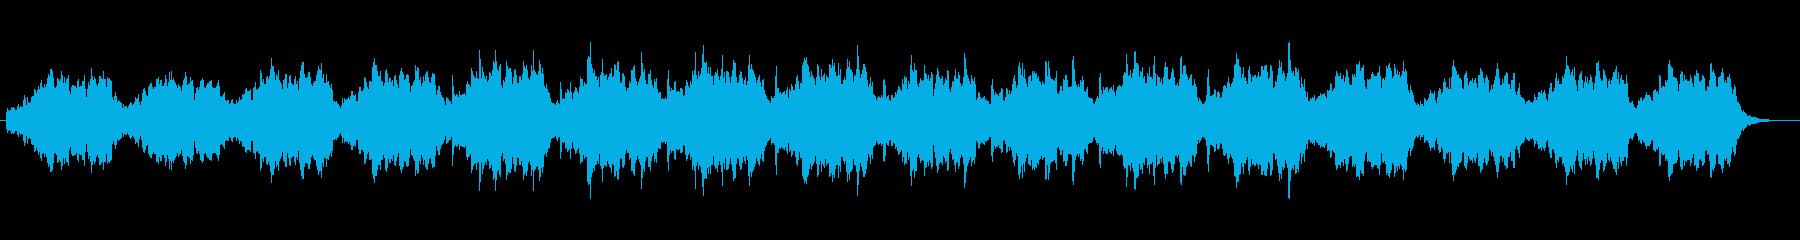 自然の中を漂うような癒しBGMの再生済みの波形